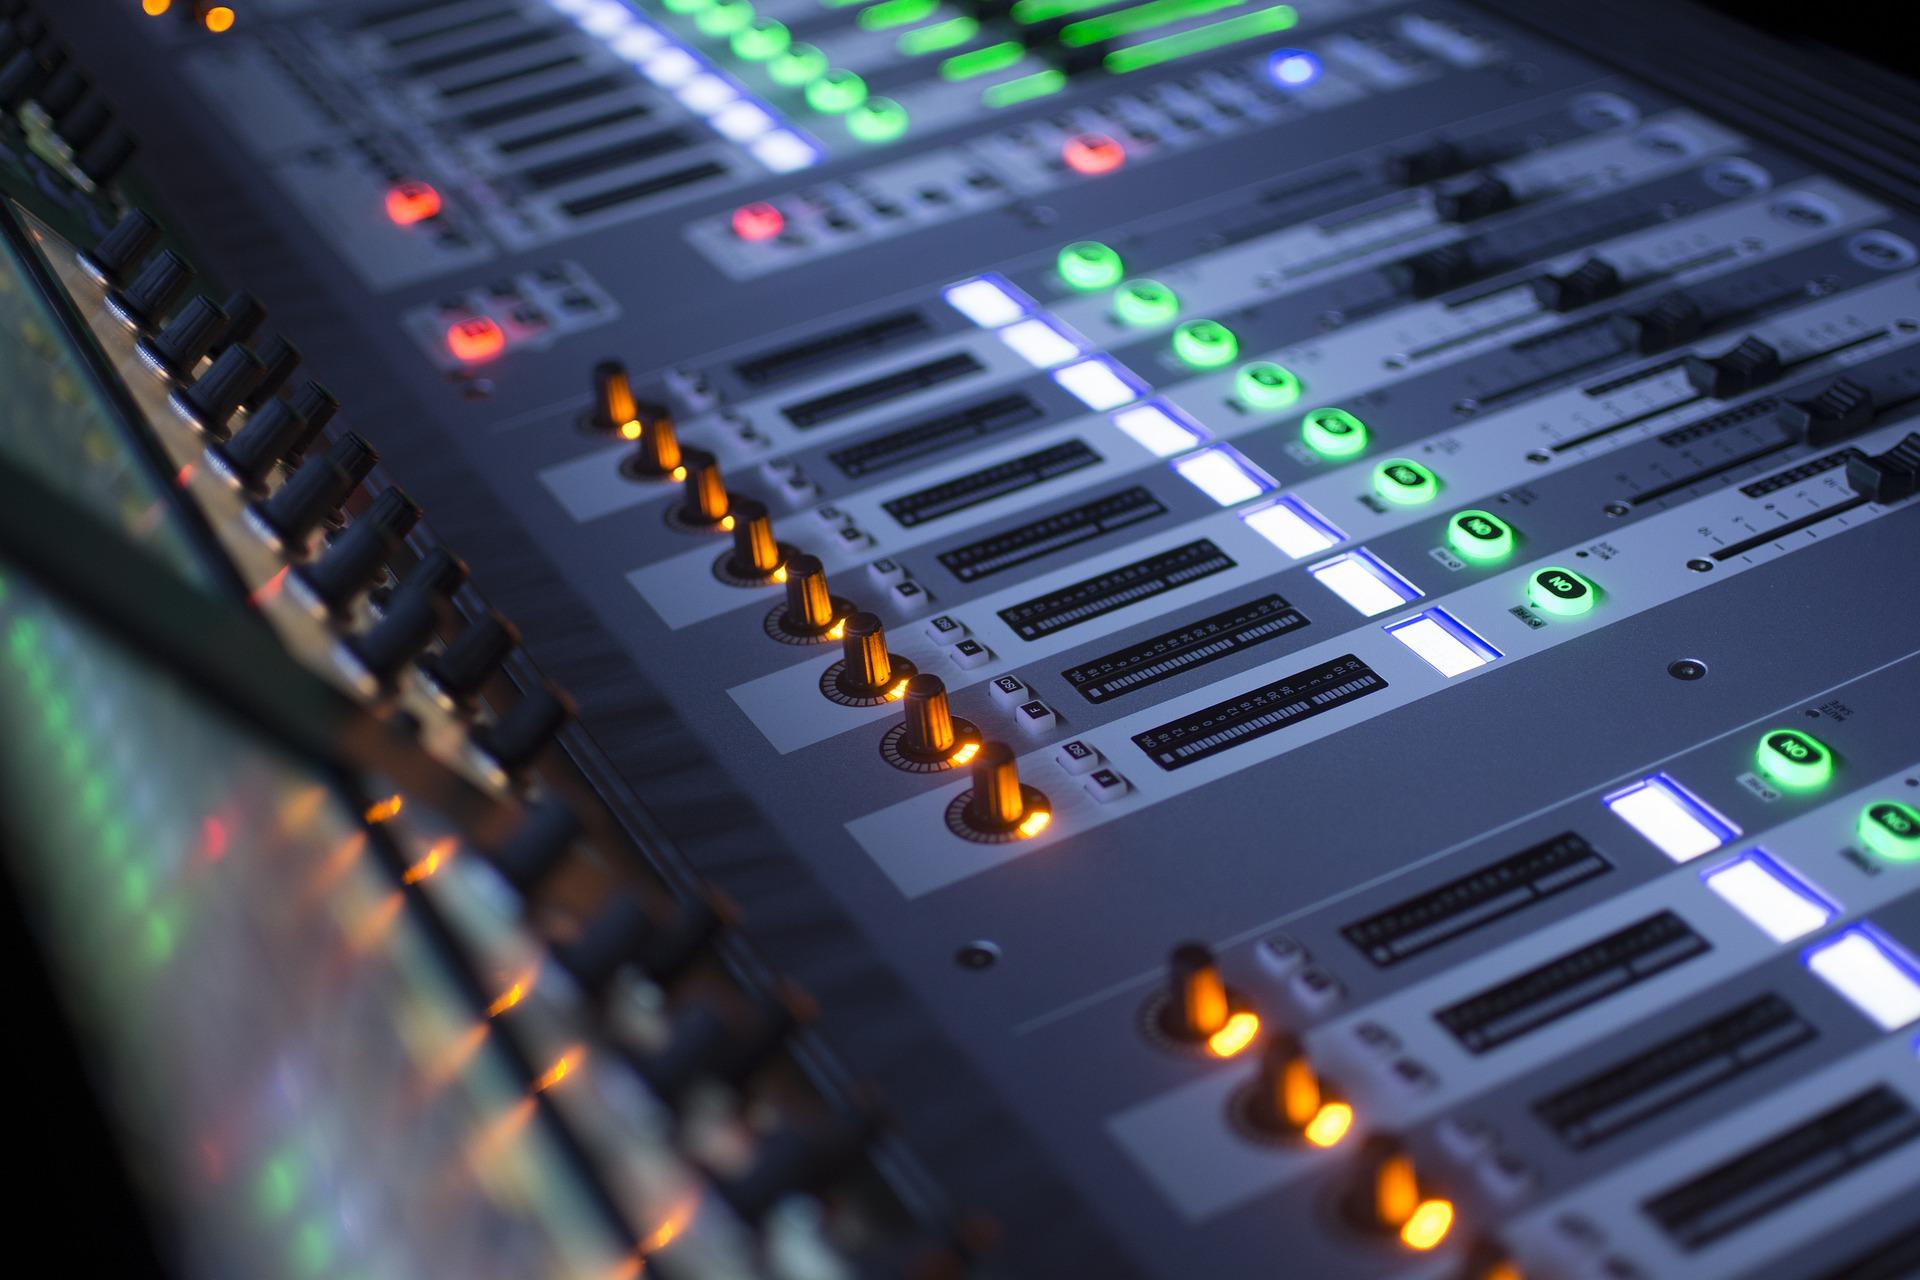 几款好用的音频编辑软件